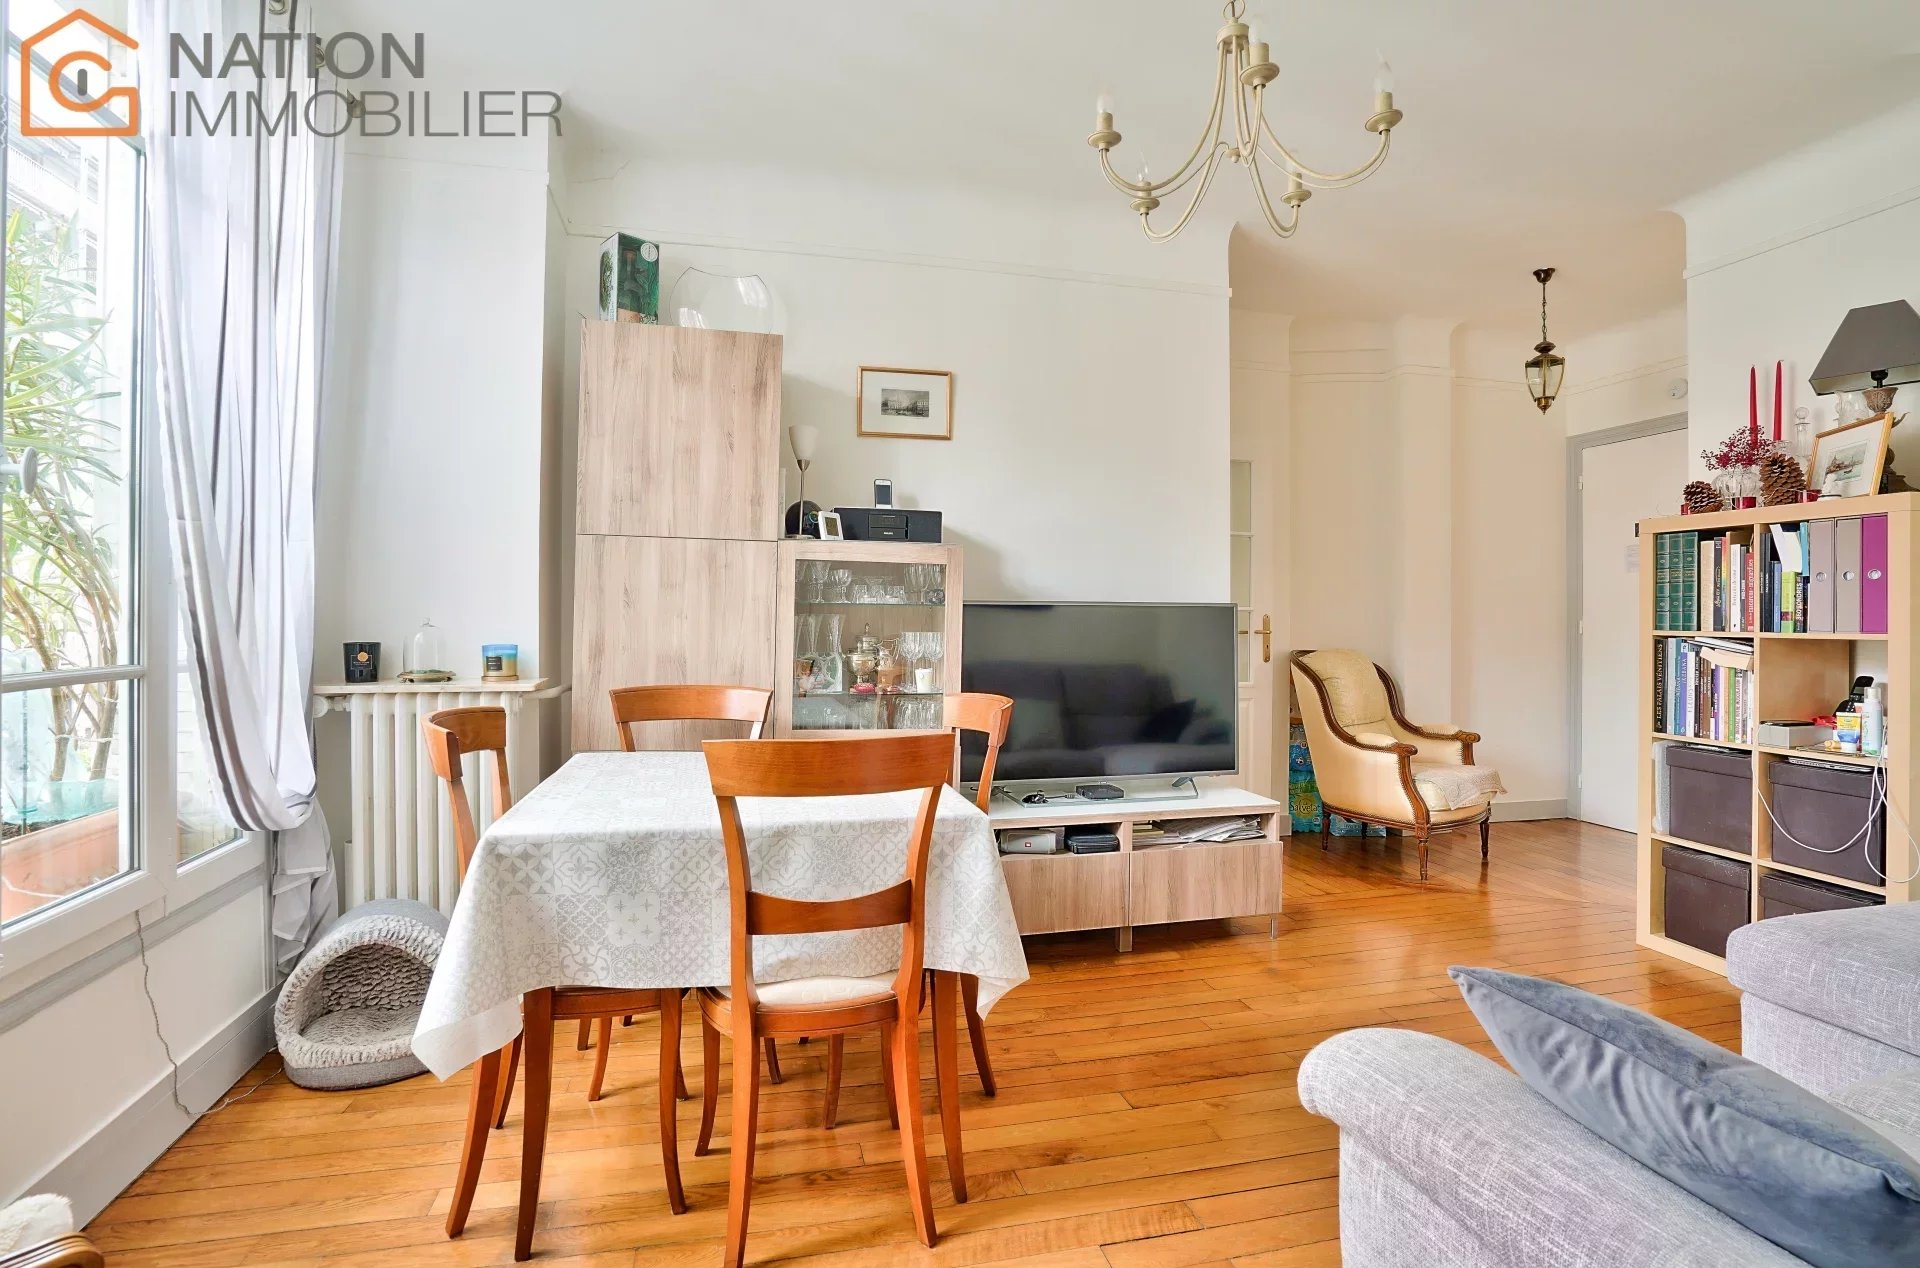 Sale Apartment - Paris 11th (Paris 11ème) Sainte-Marguerite